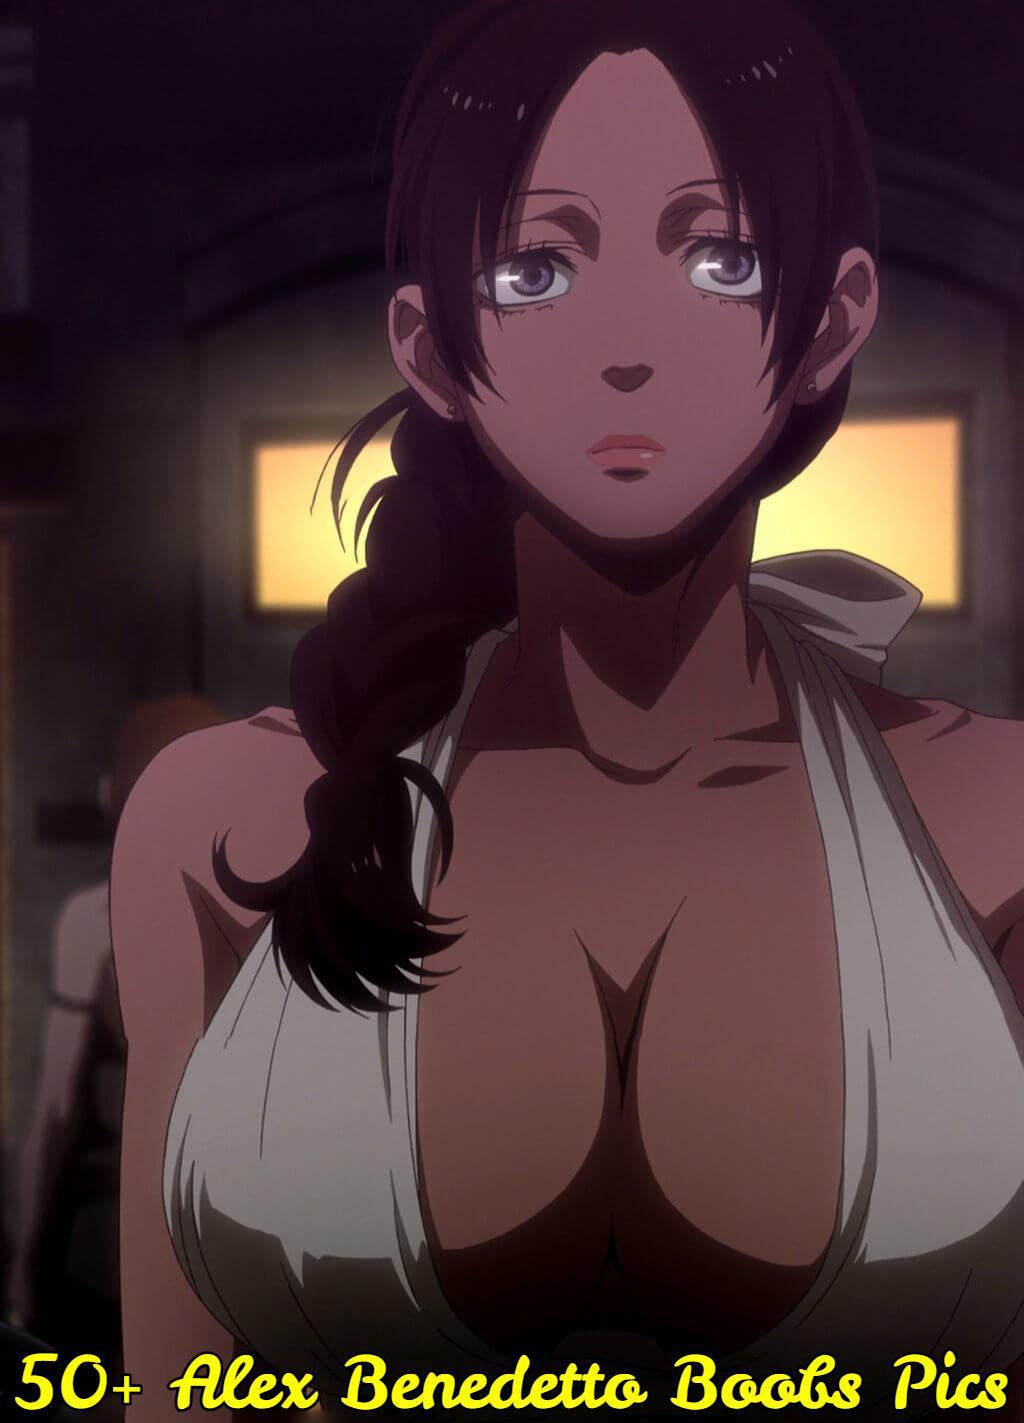 alex benedetto boobs pics